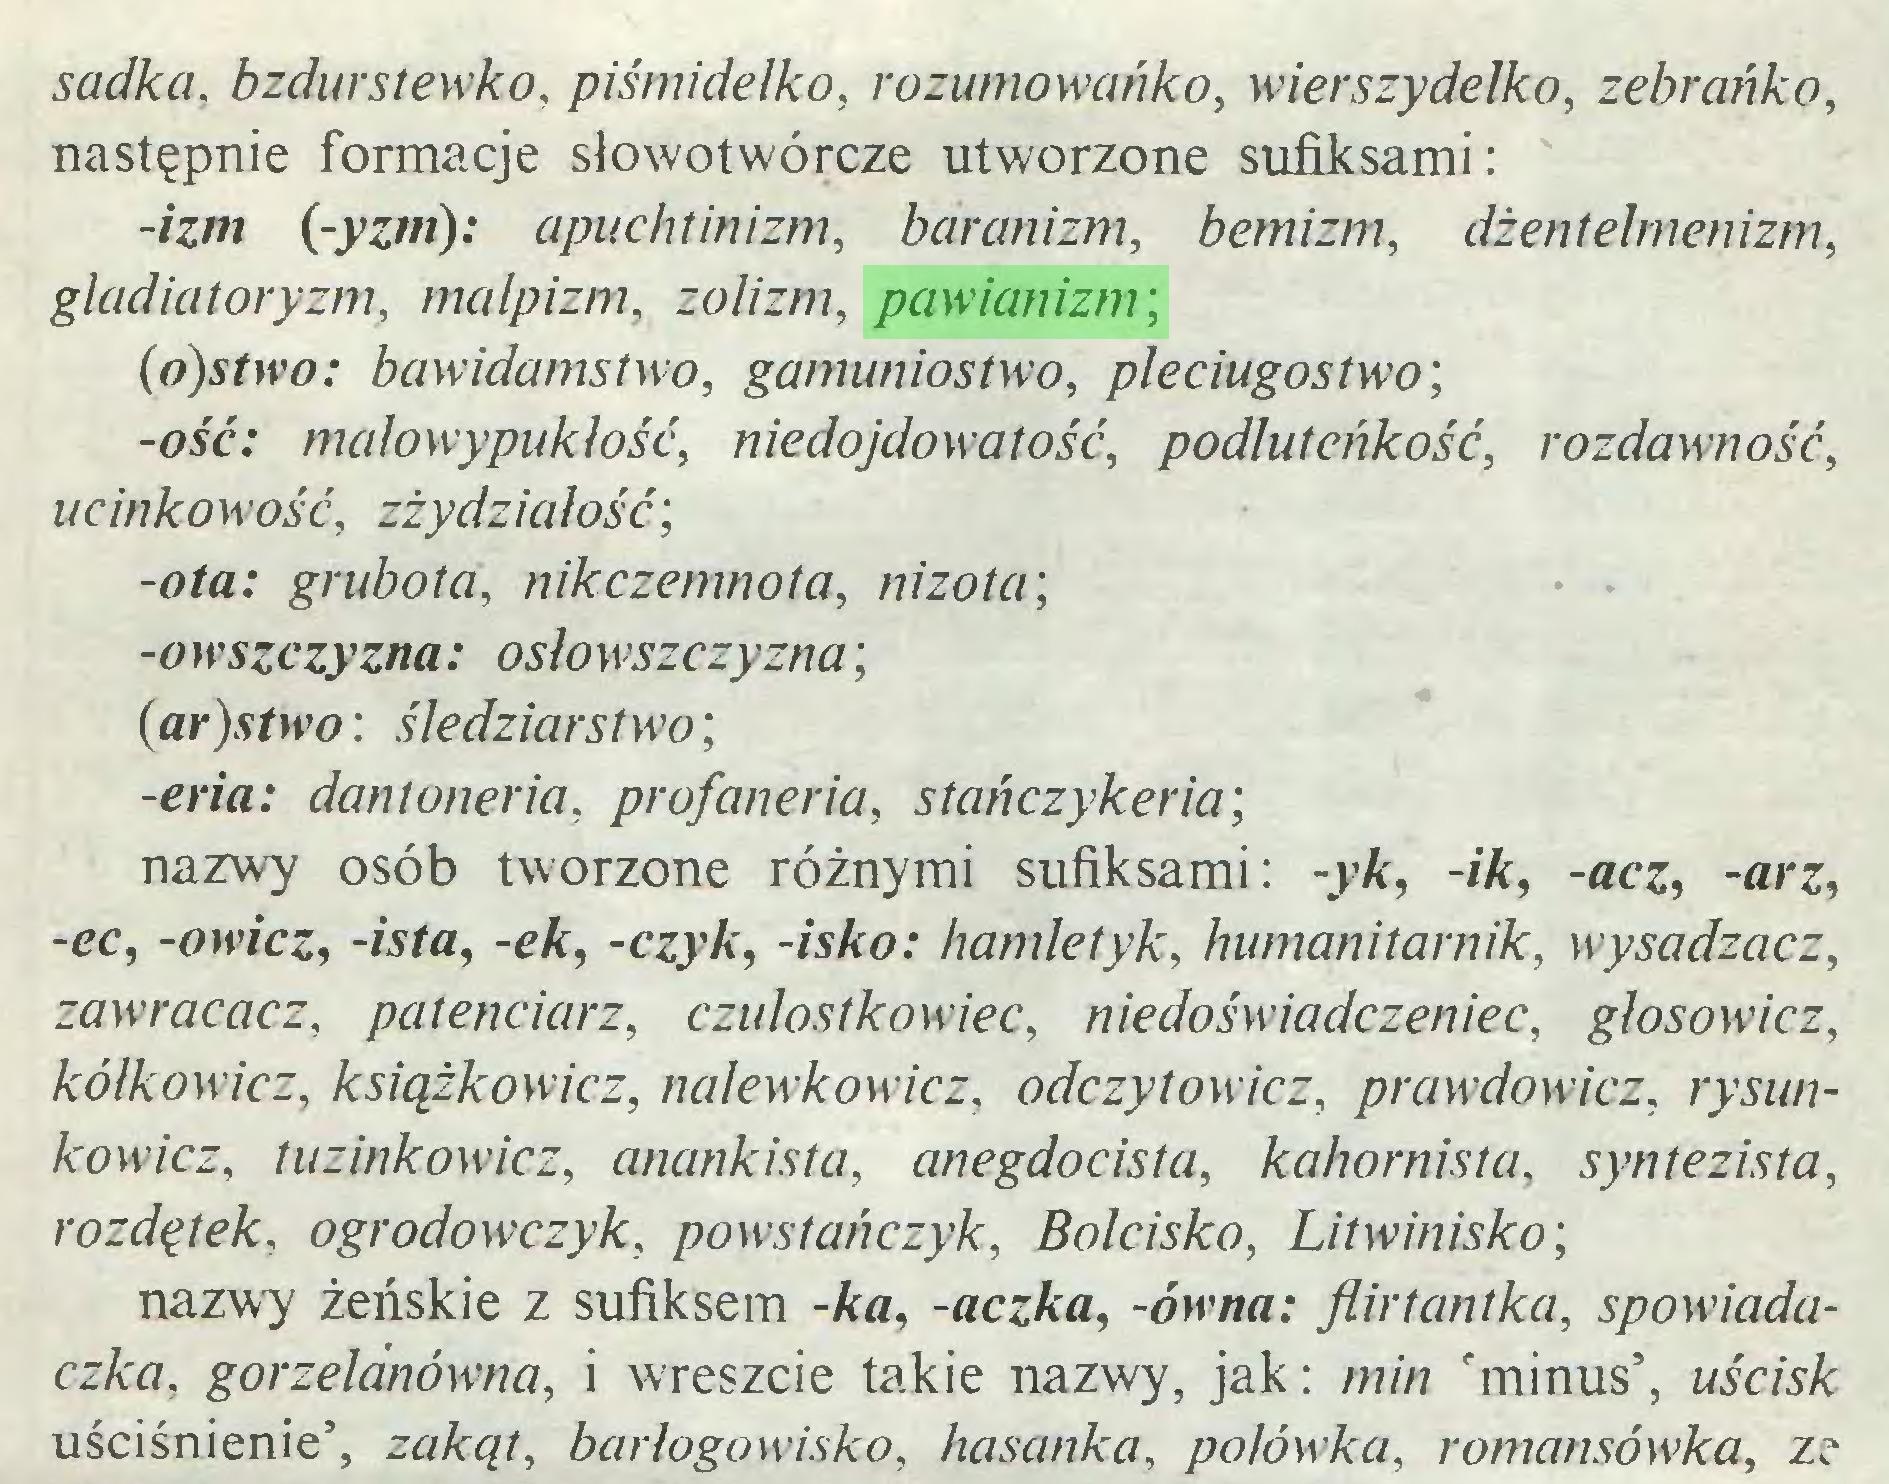 (...) sadka. bzdurstewko, piśmidełko, rozumowańko, wierszydełko, zebrcińko, następnie formacje słowotwórcze utworzone sufiksami: -izm (-yzm): apuchtinizm, barcmizm, bemizm, dżentelmenizm, gladiatoryzm, malpizm, zolizm, pawianizm; (o)stwo: bawidamstwo, gamuniostwo, pleciugostwo; -ość: małowypukłość, niedojdowatość, podluteńkość, rozdawność, u c inko w ość, zżydziałość; -ota: grubota, nikczemnota, nizota; -0 wsączy z/ia: osłowszczyzna; : śledziarstwo; -ma: dantoneria, profaneria, stańczykeria; nazwy osób tworzone różnymi sufiksami: -j>Ar, -/Ar, -acz, -arz, -cc, -a»v/cz, -wfa, -cAr, -czyk, -/sAro: hamletyk, humanitarnik, wysadzacz, zawracacz, patenciarz, czułostkowiec, niedoświadczeniec, głosowicz, kółkowicz, książkowicz, nalewkowicz, odczyt owić z, prawdowicz, rysunkowicz, tuzinkowicz, anankista, anegdocista, kahornistci, syntezista, rozdętek, ogrodowczyk, powstańczyk, Bolcisko, Litwinisko; nazwy żeńskie z sufiksem -Ara, -aczka, -ówna: fłirtantka, spowiadaczka, gorzelanówna, i wreszcie takie nazwy, jak: min 'minus', uścisk uściśnienie', zakąt, barłogowisko, hasanka, połówka, romansówka, z?...